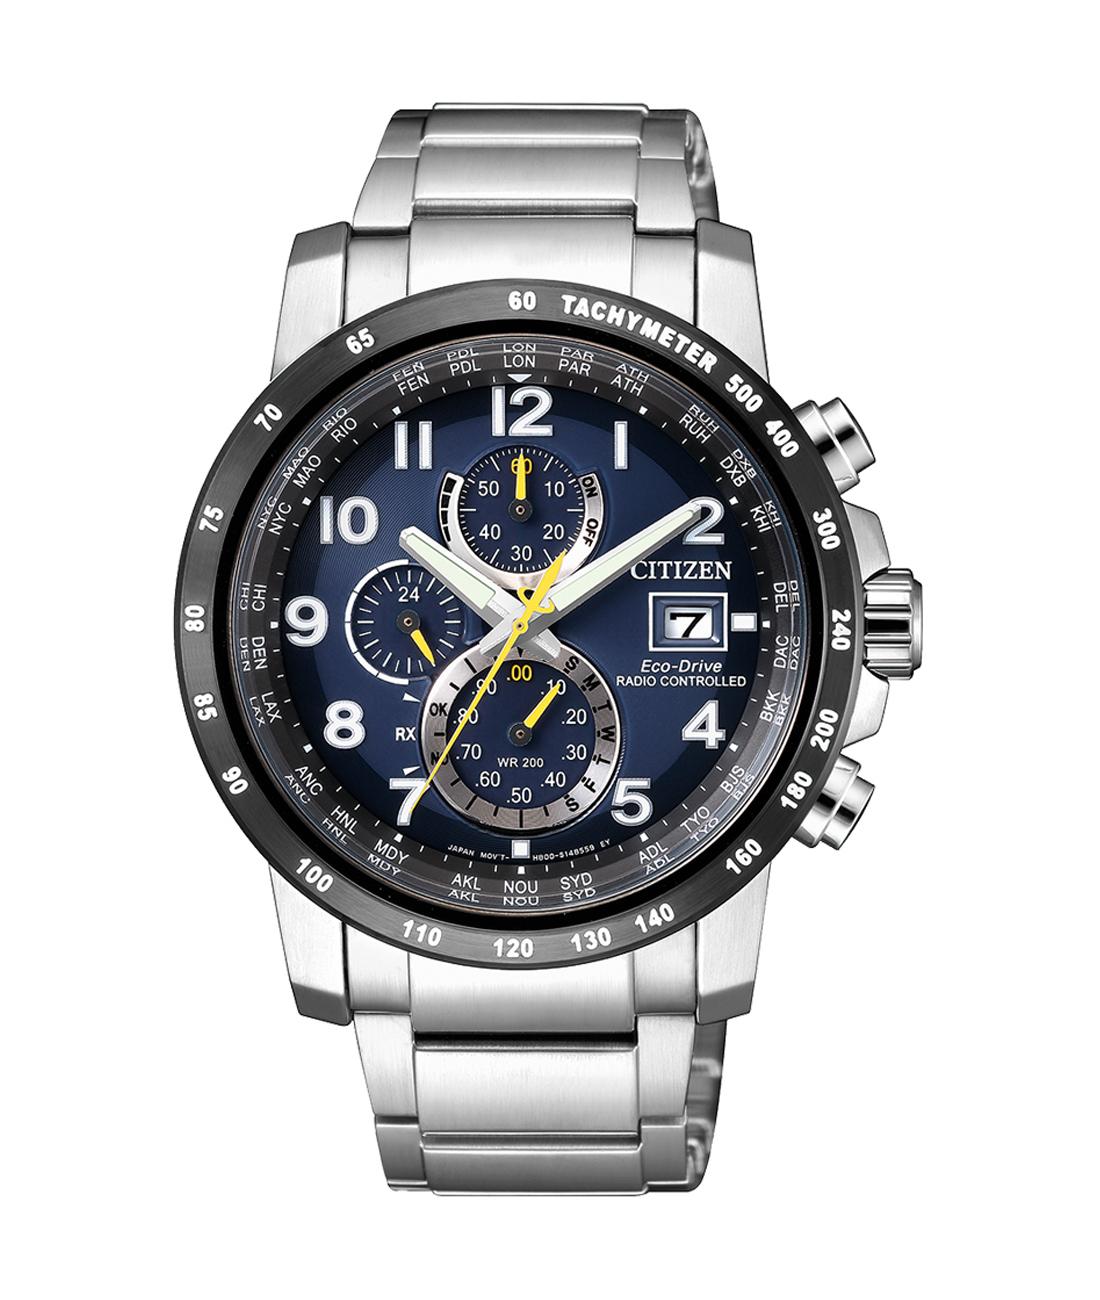 Zegarek Citizen Eco-Drive Radio Controlled AT8124-91L w atrakcyjnej ... 10165598eb